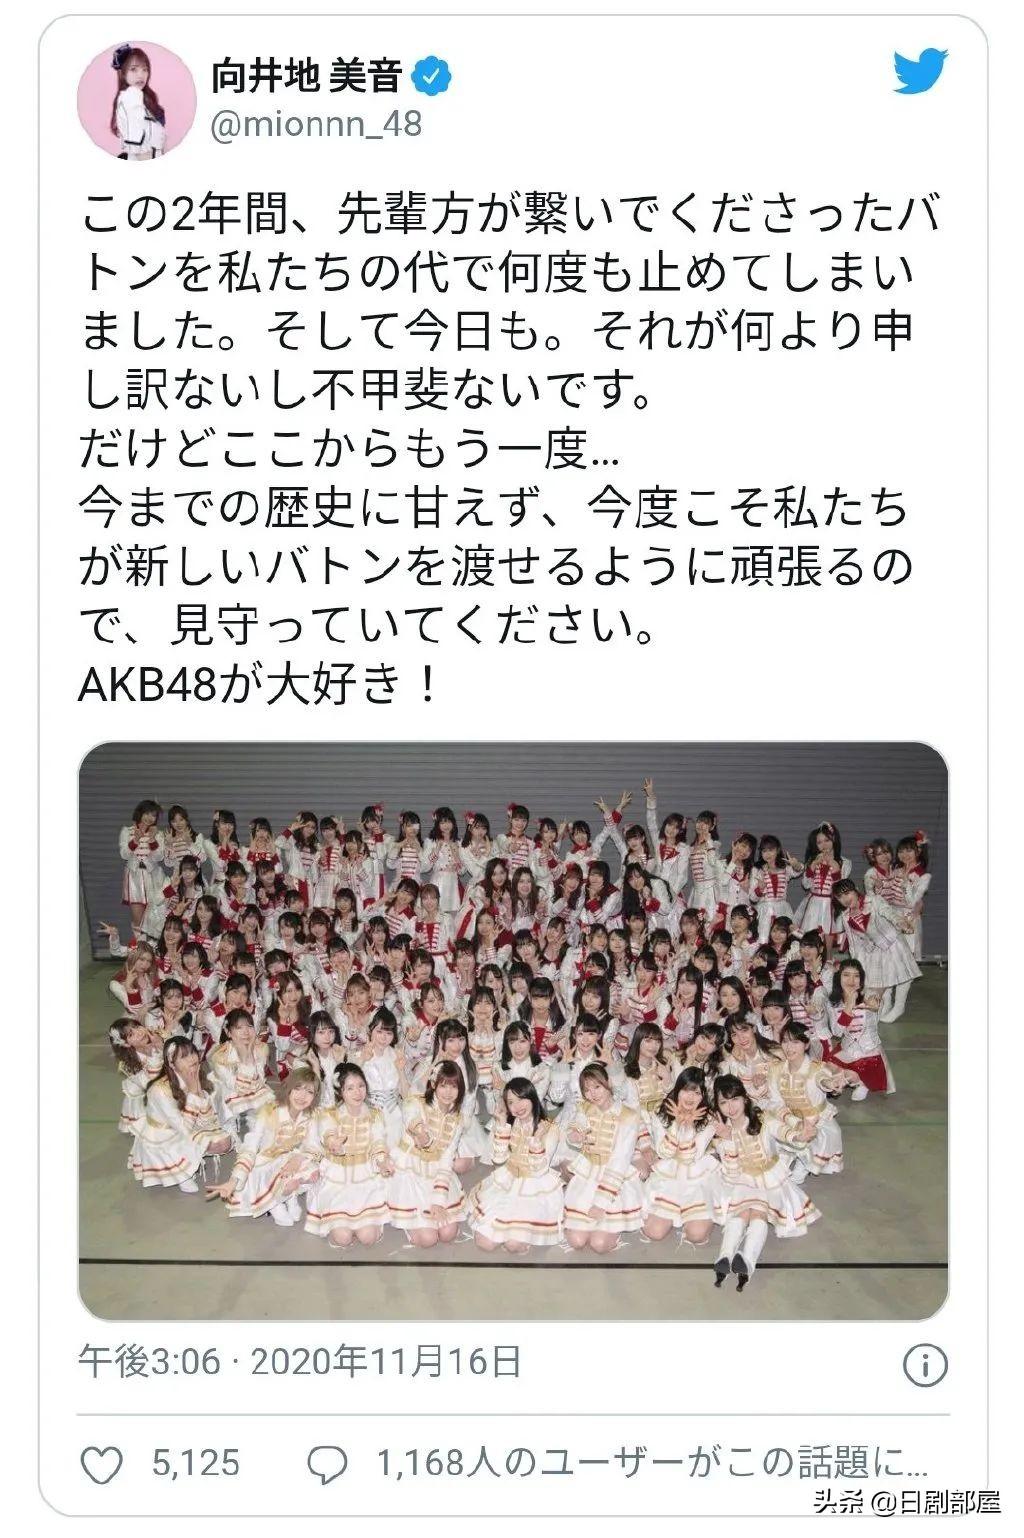 落選 紅白 akb AKB、紅白落選 11年連続出場中も近年はヒット曲なく…NHK「総合的な判断」―